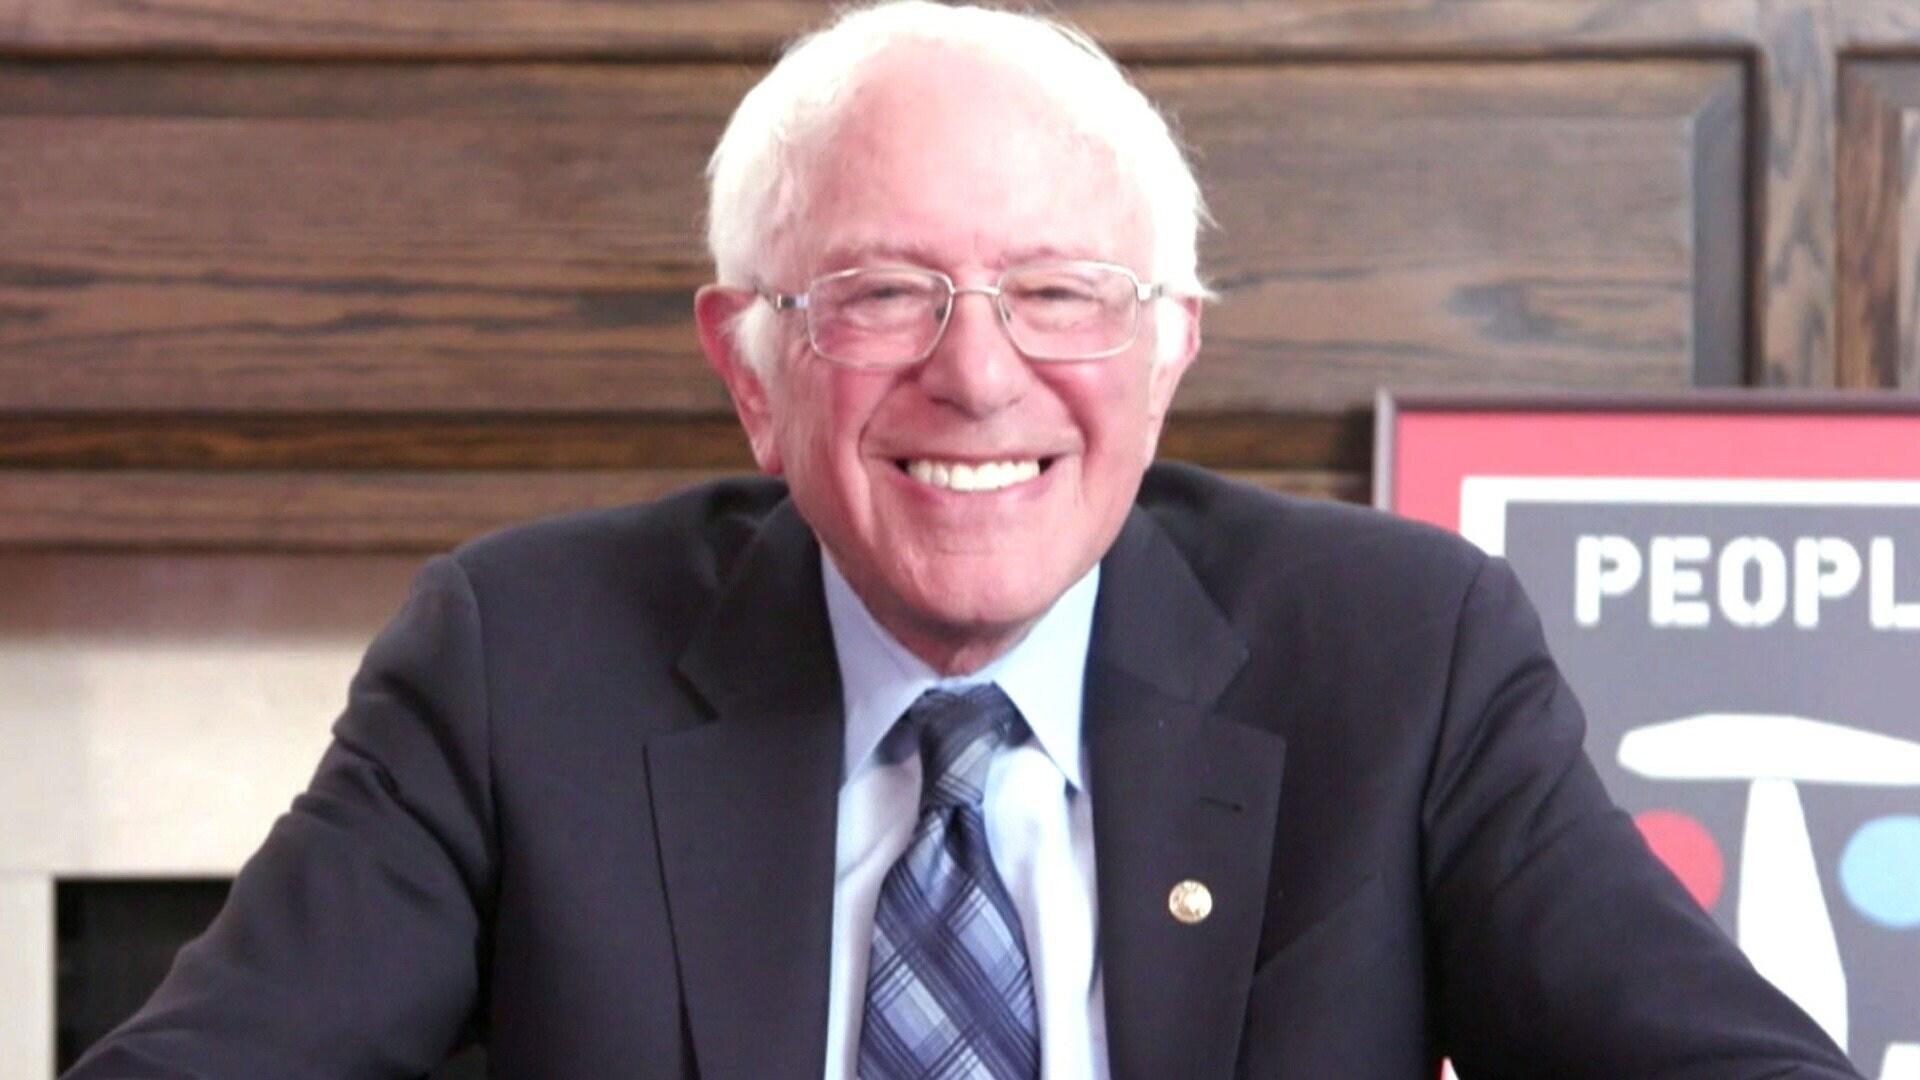 Bernie Sanders; Cue Card Wally; Brian Frasier-Moore